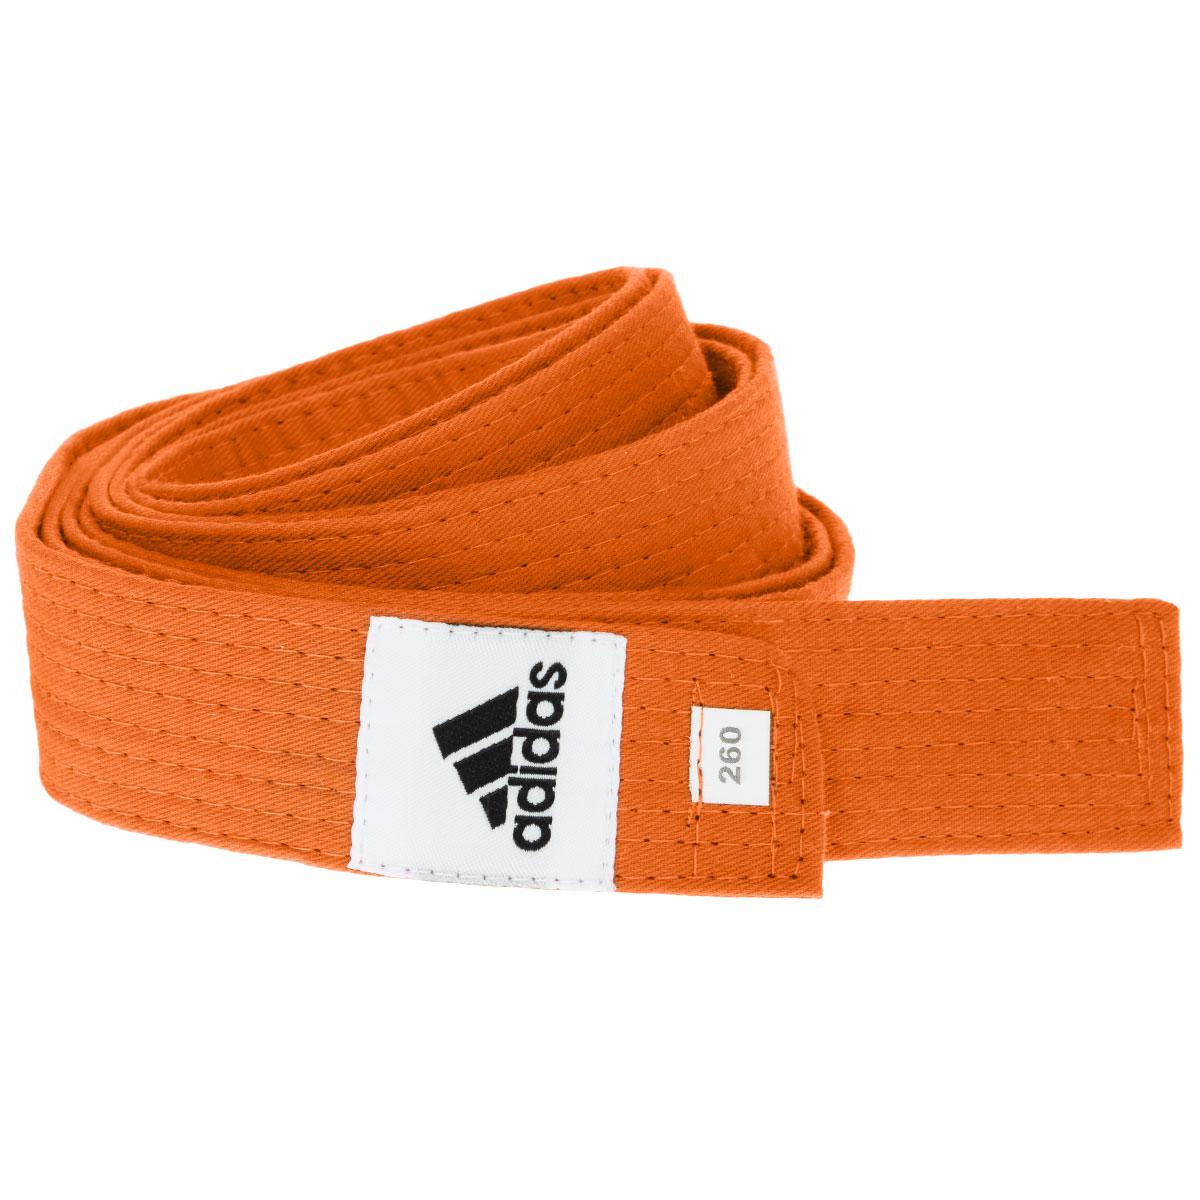 Пояс для единоборств adidas Club, цвет: оранжевый. adiB220. Длина 280 смadiB220Пояс для единоборств adidas Club - универсальный пояс для кимоно. Пояс выполнен из плотного хлопкового материала с прострочкой.Такой пояс - необходимый аксессуар для тех, кто занимается боевыми искусствами.